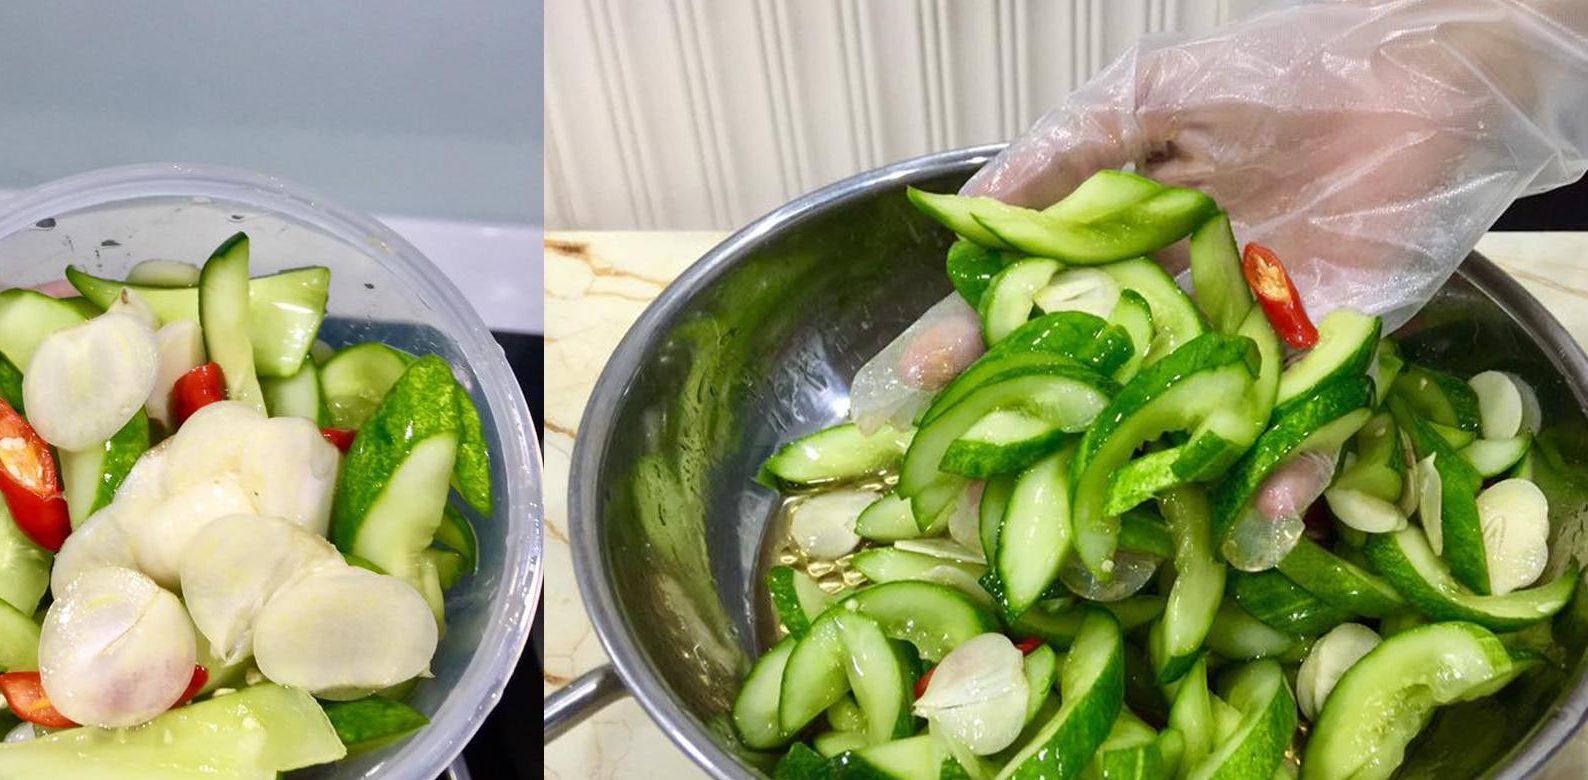 cach-lam-dua-mam-chay cách làm dưa mắm chay Cách làm dưa mắm chay đơn giản chống ngán cho các bữa ăn cach lam dua mam chay bang dua leo 2 e1569381608905